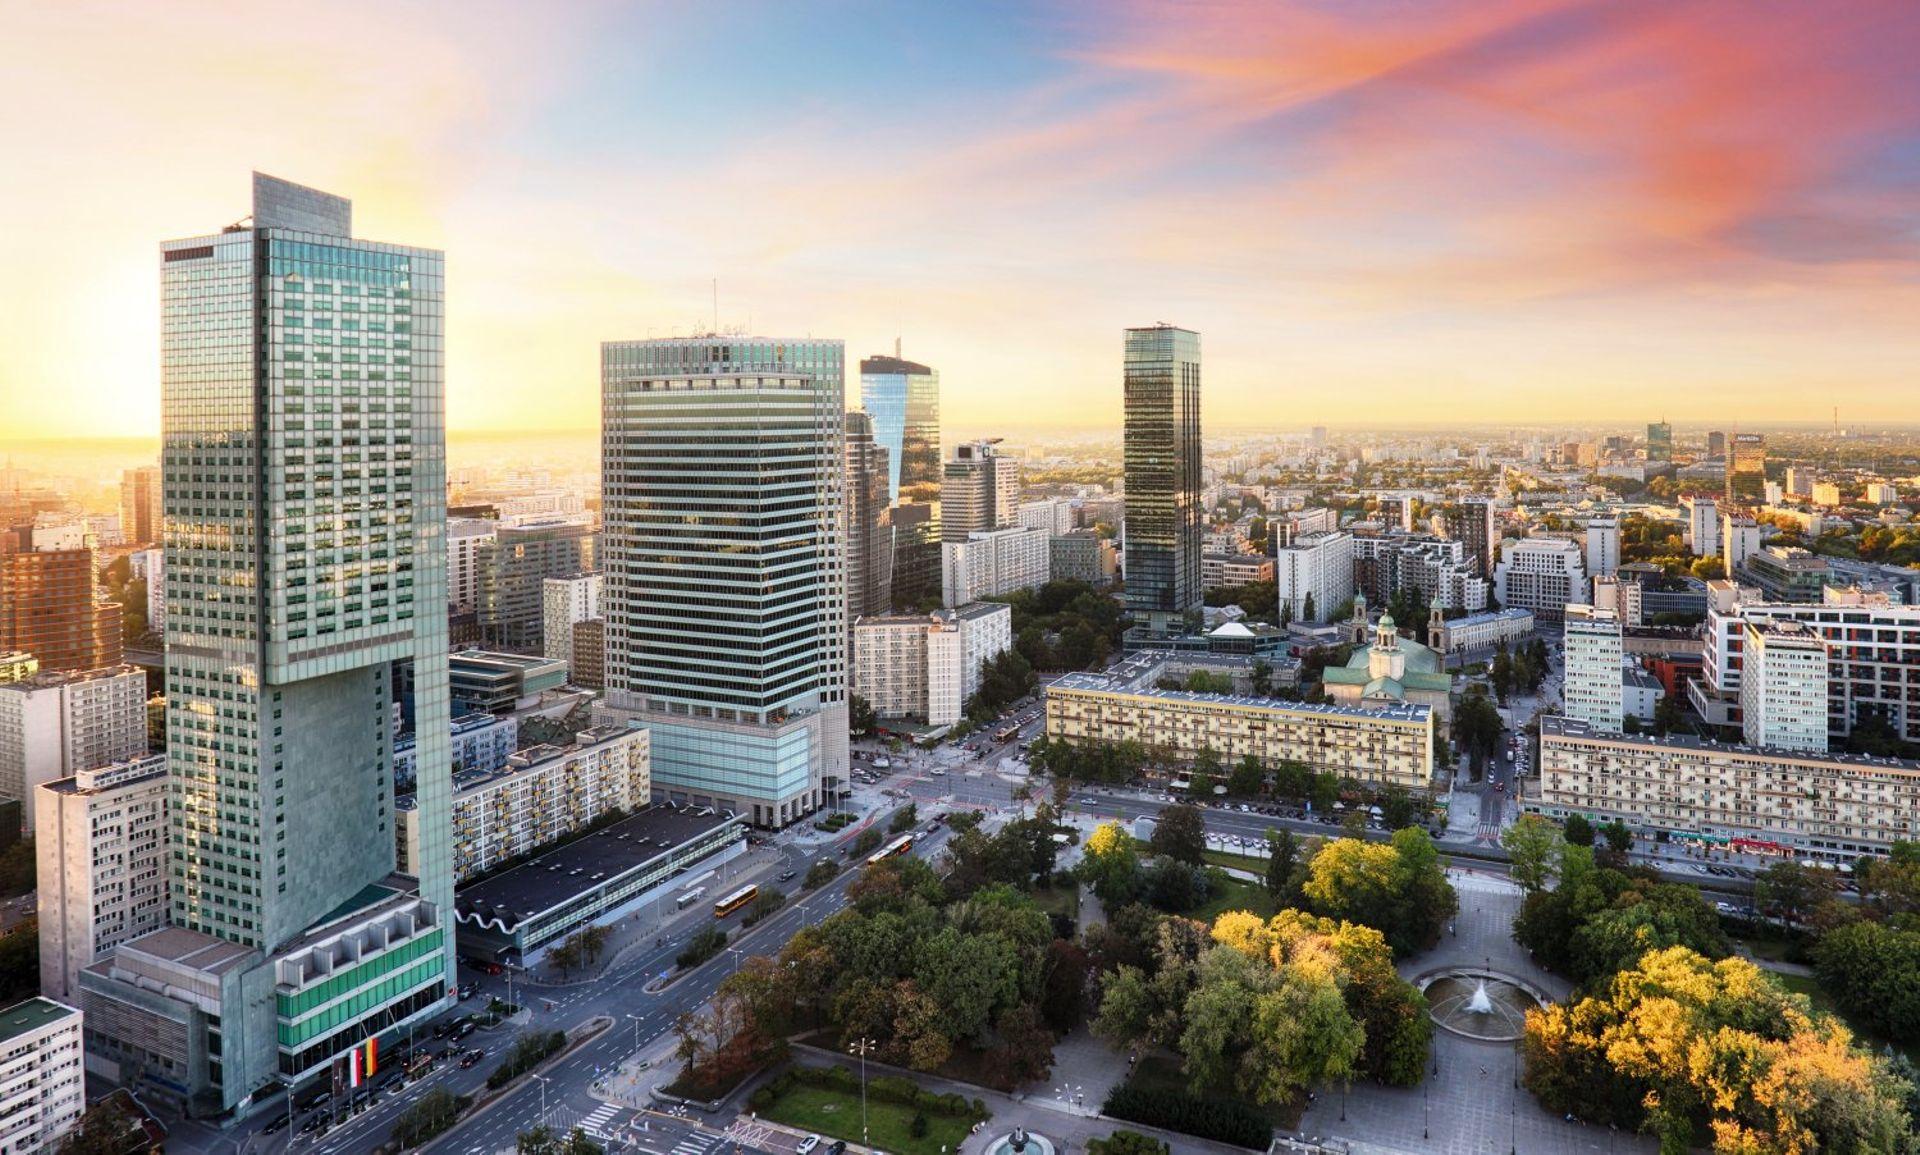 [Polska] Wartość inwestycji w nieruchomości komercyjne w Polsce wzrosła dwukrotnie